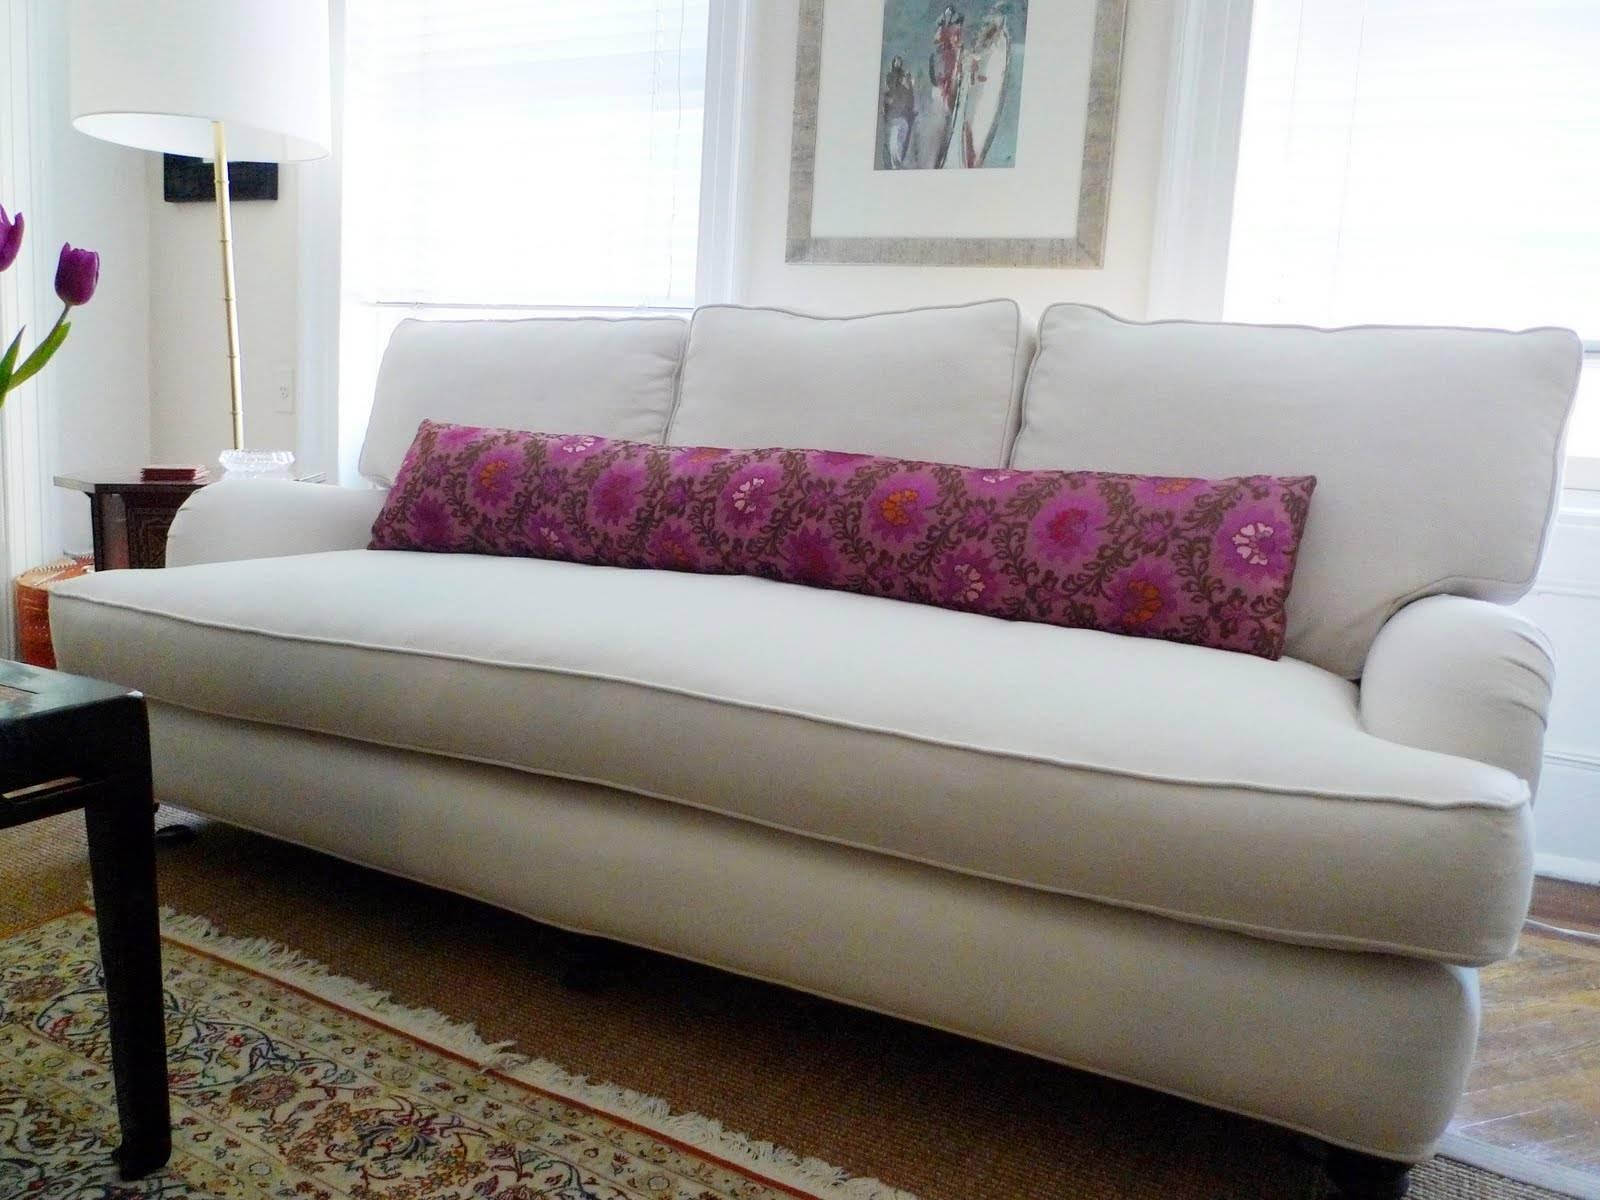 Elegant One Cushion Sofas By Broyhill Okaycreations Net